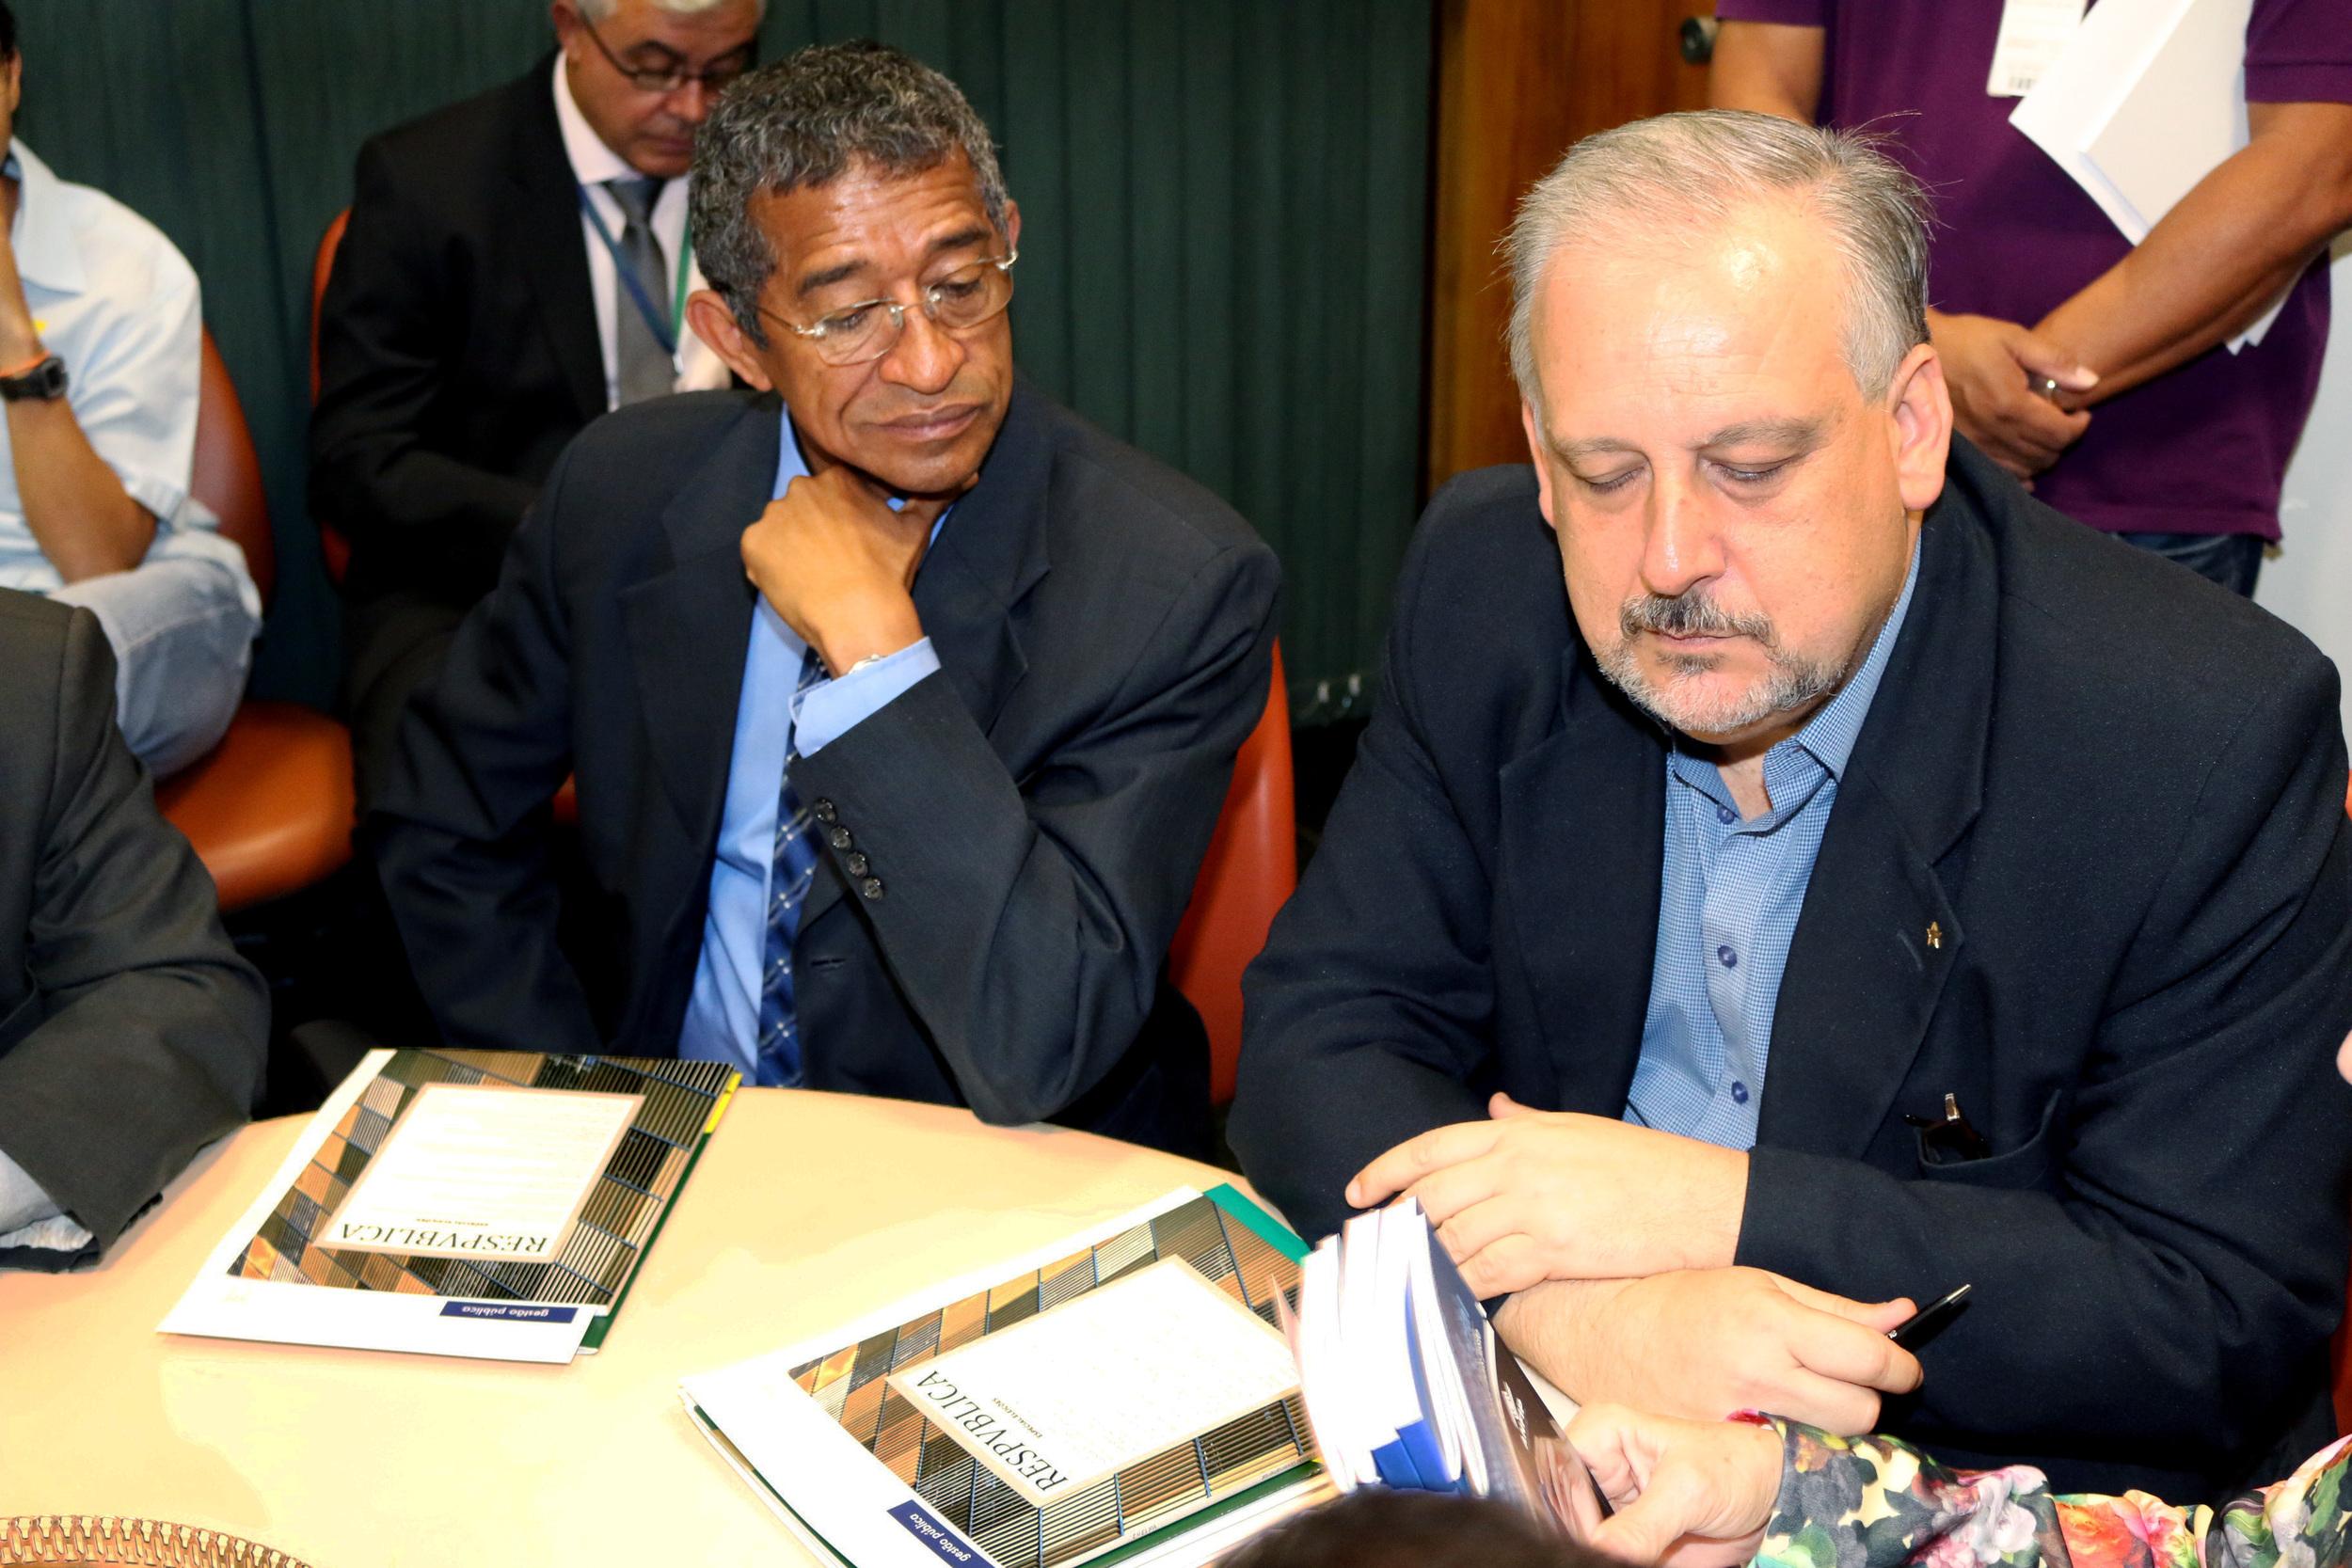 Um exemplar da ResPvblica Especial Eleições foi entregue ao deputado Vicentinho e ao Ministro Berzoini. Foto: Filipe Calmon / ANESP